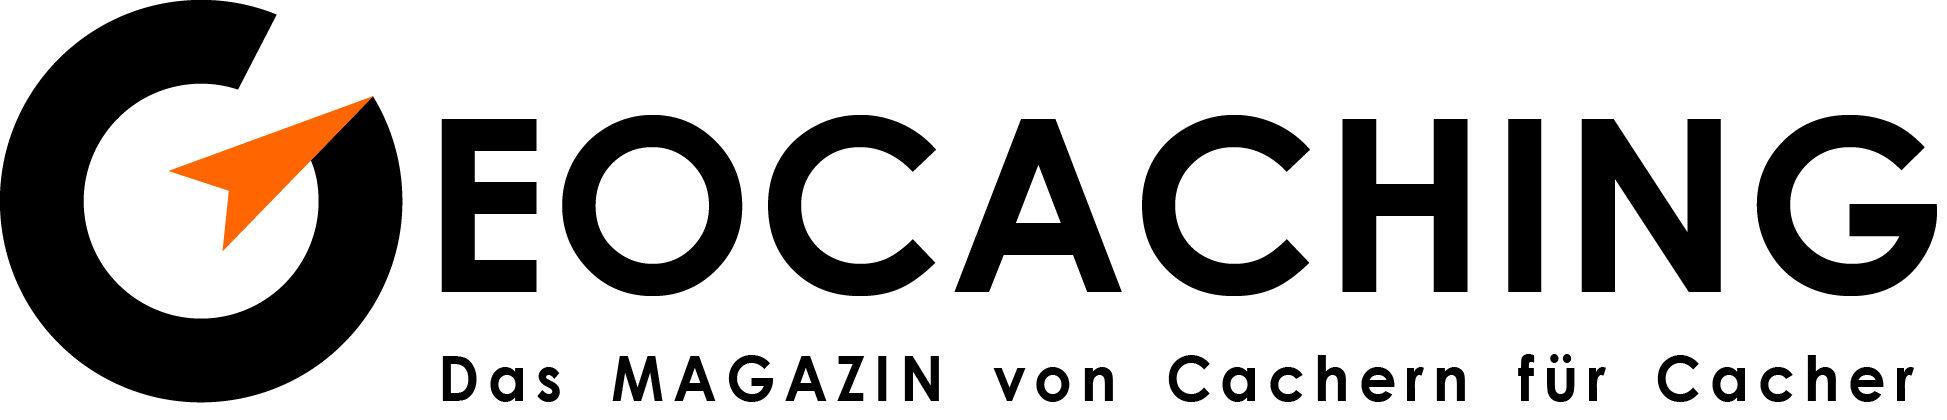 trygcm.de